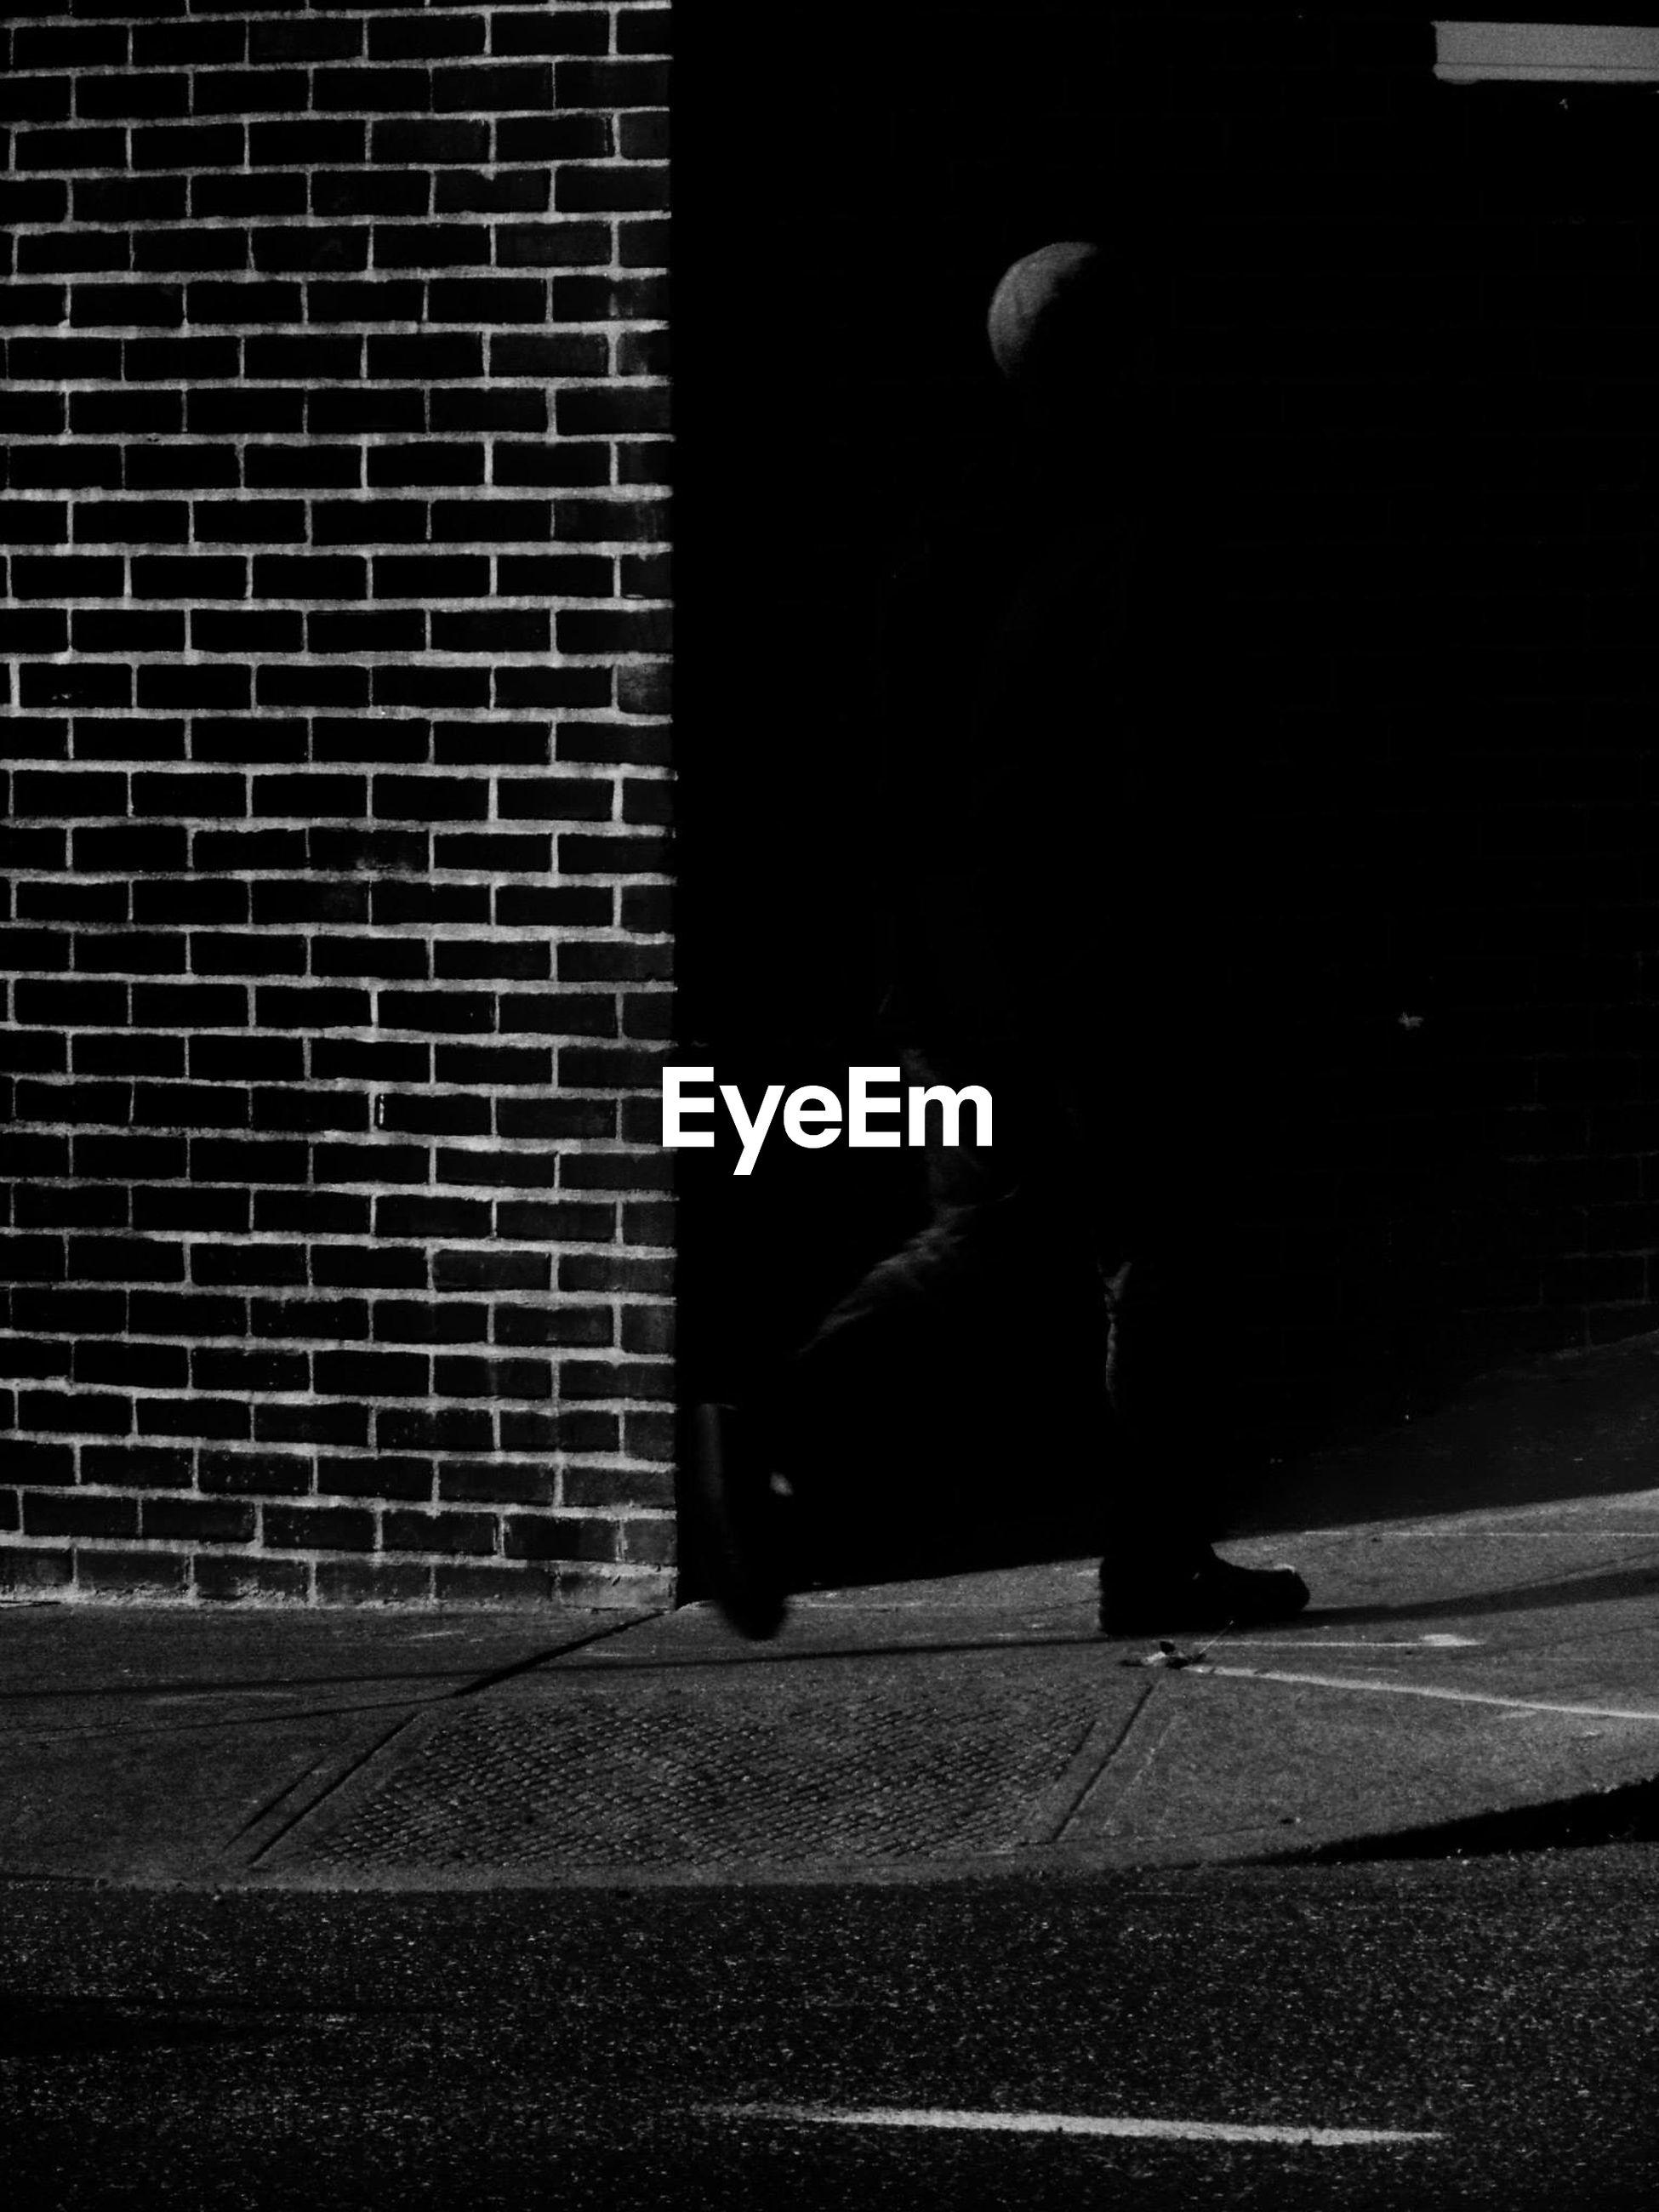 Person walking on sidewalk against brick wall